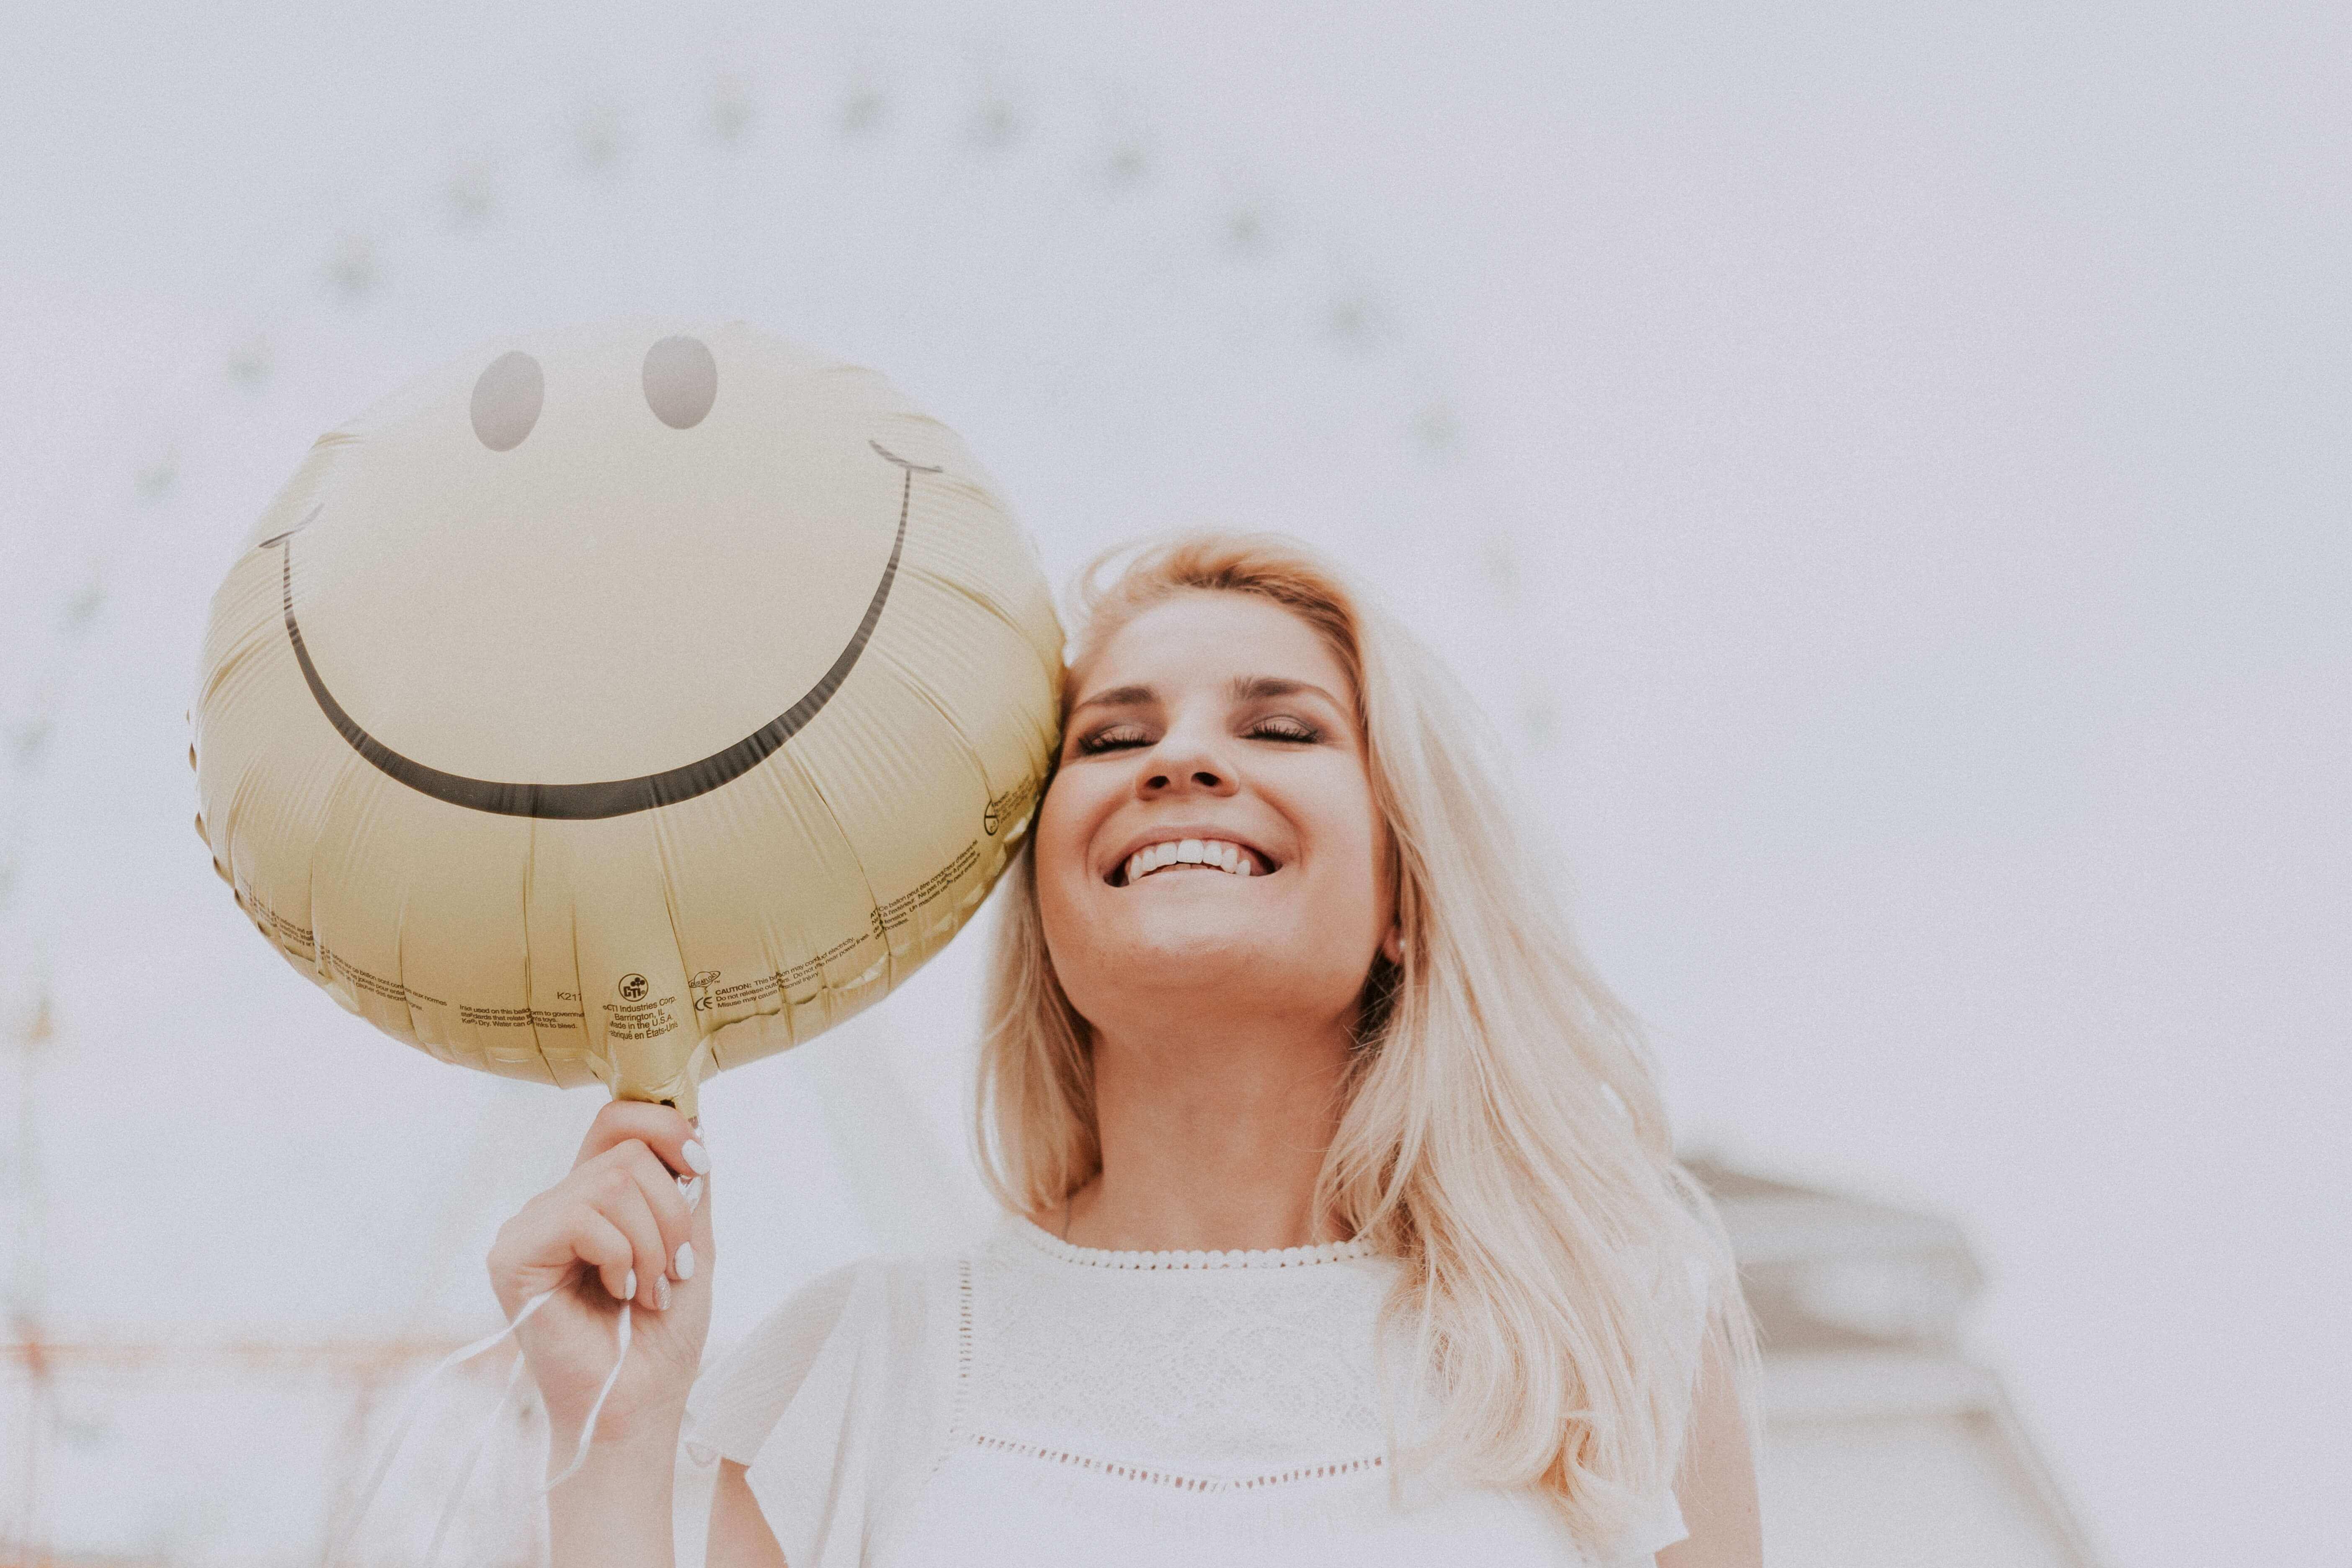 mulher com balão com um smiley